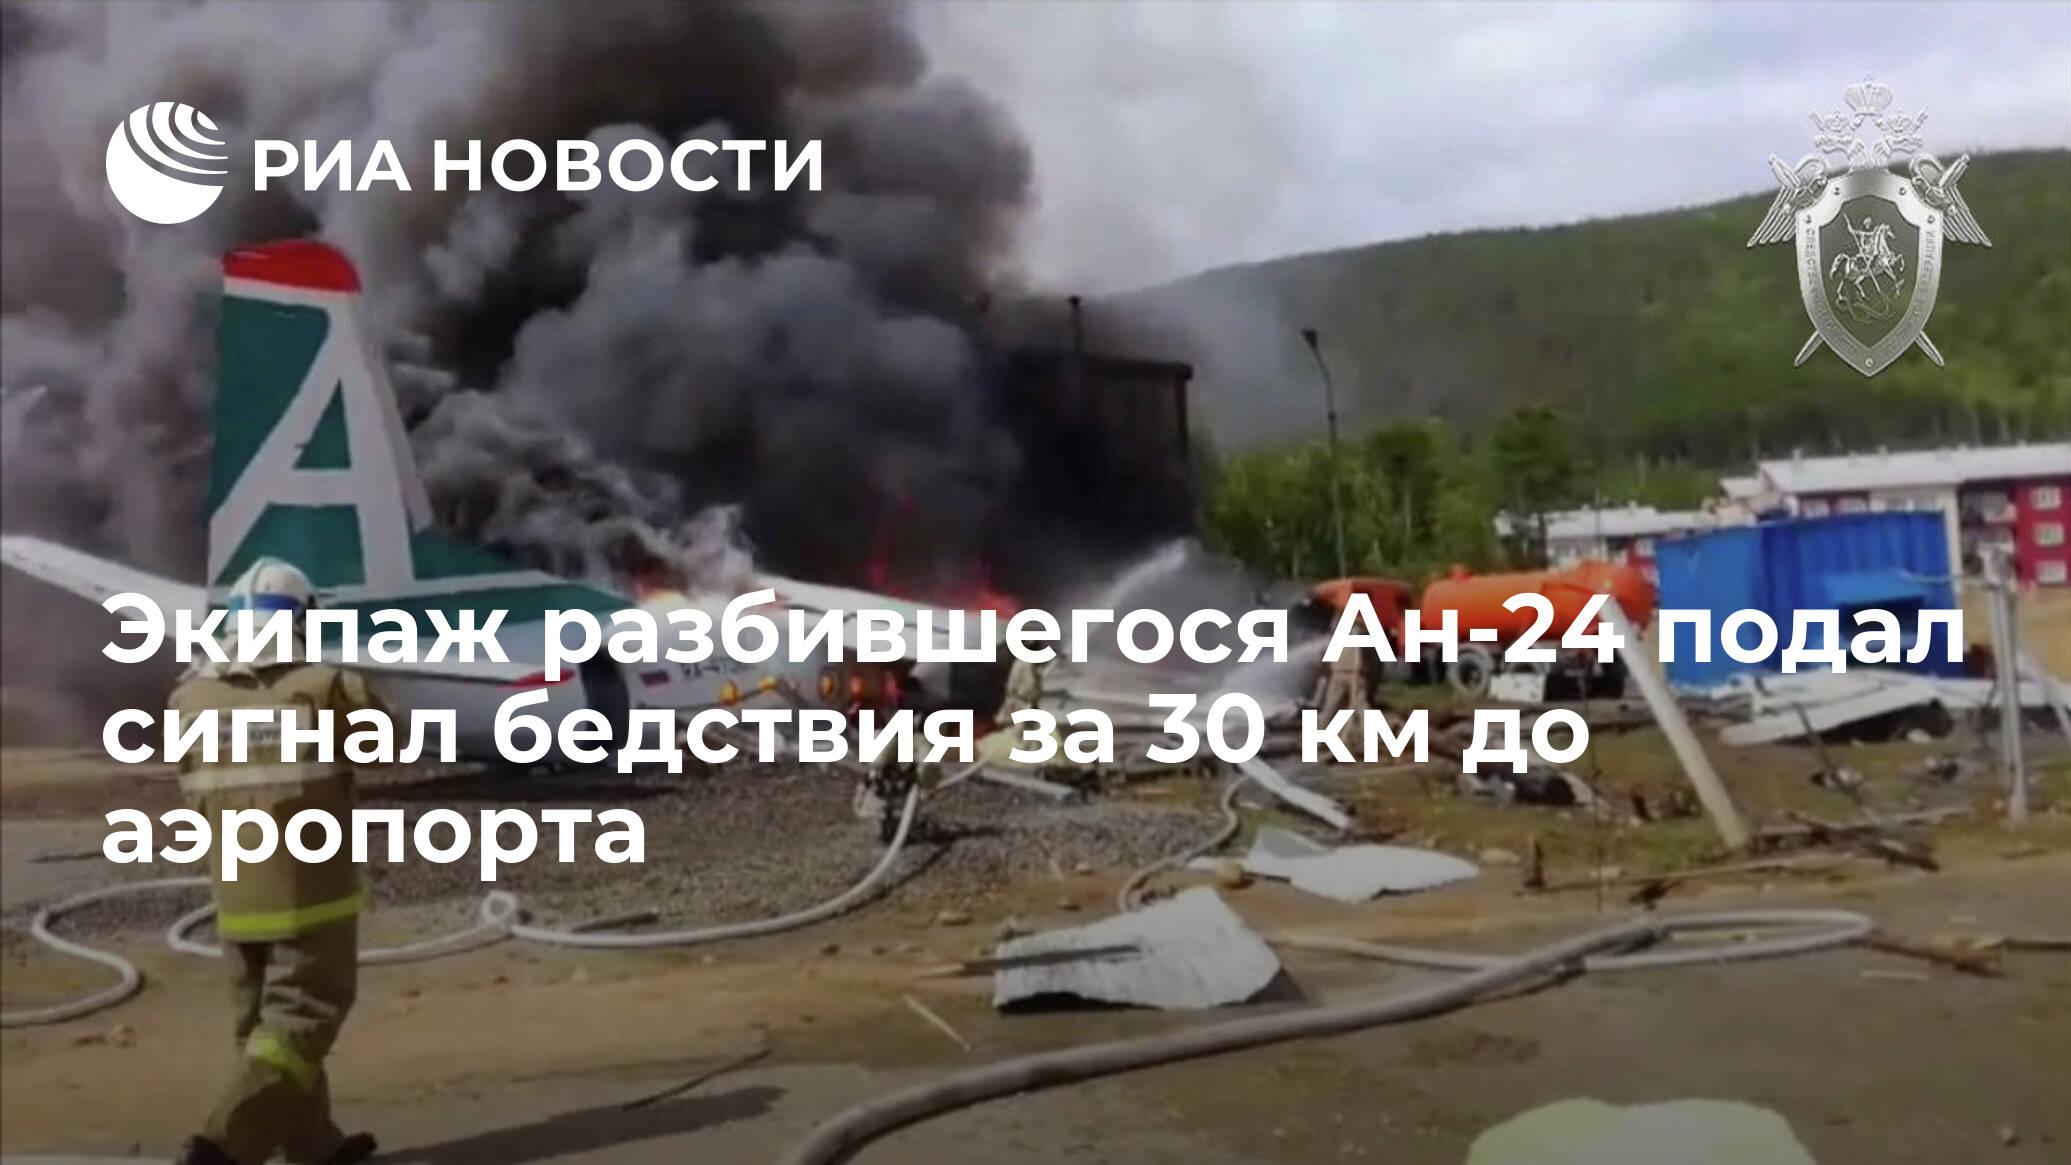 Экипаж разбившегося Ан-24 подал сигнал бедствия за 30 км до аэропорта